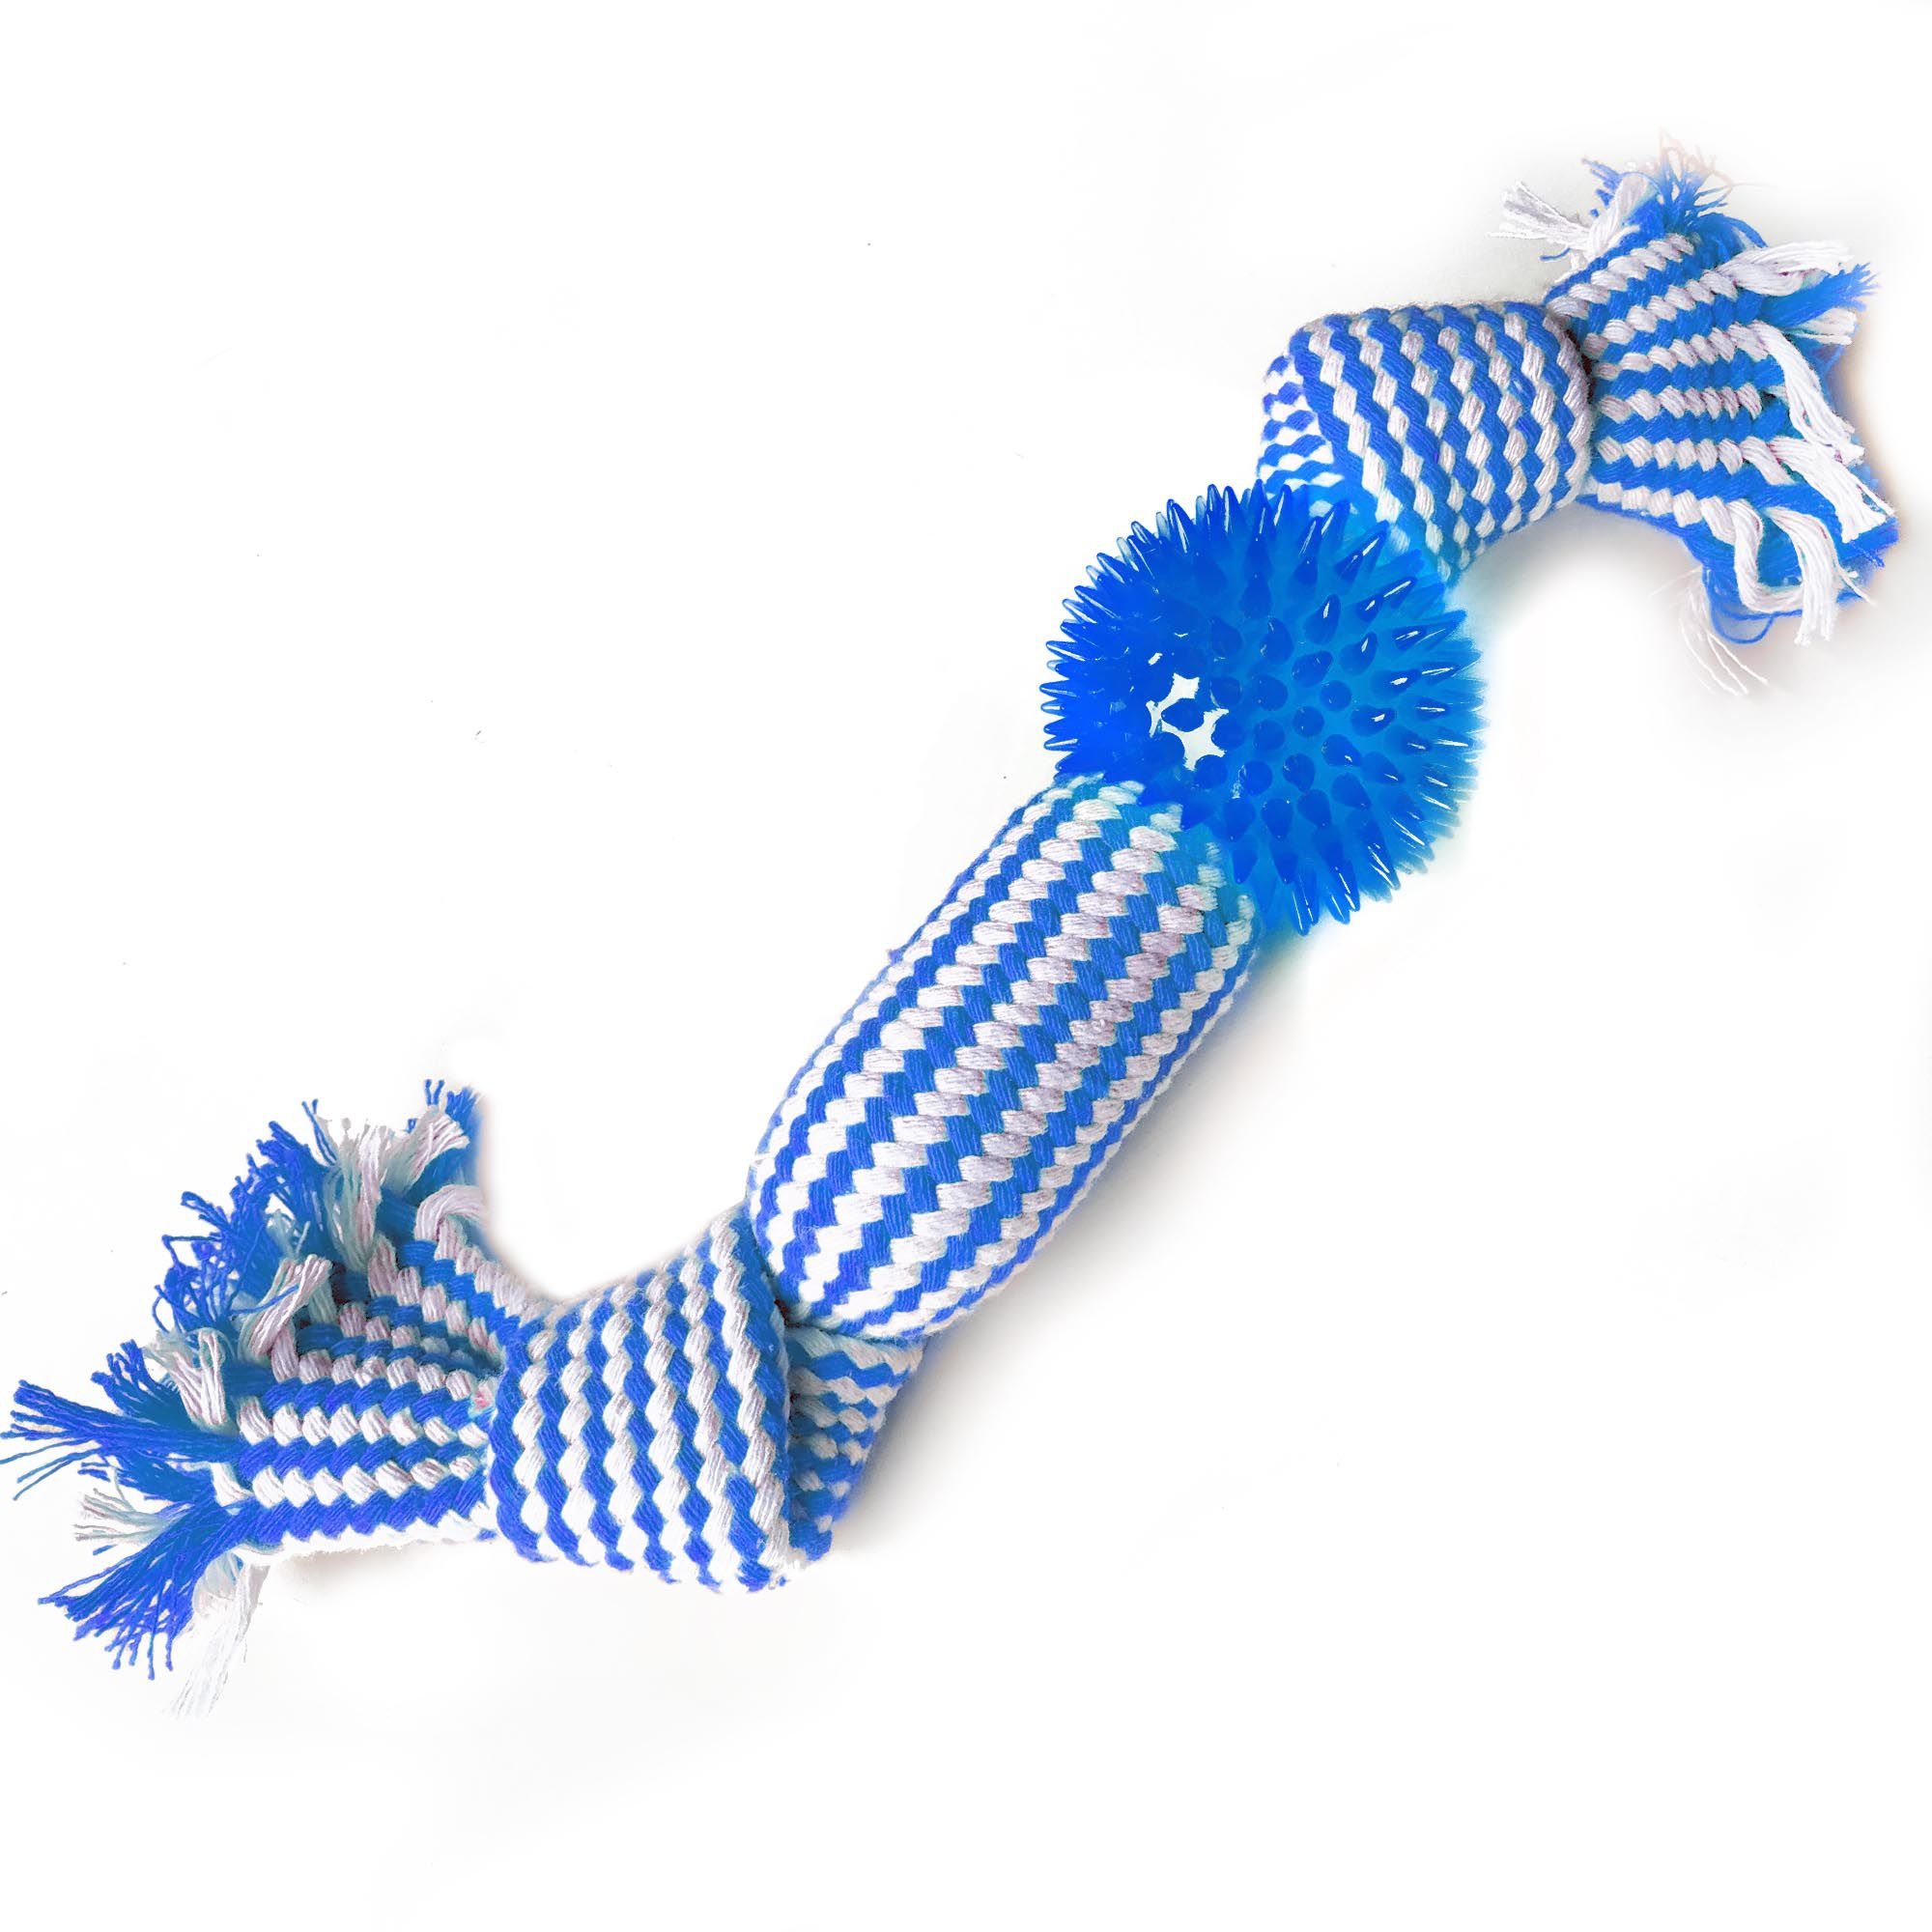 Brinquedo Mordedor Corda com Apito e Bola de cravos, 30cm